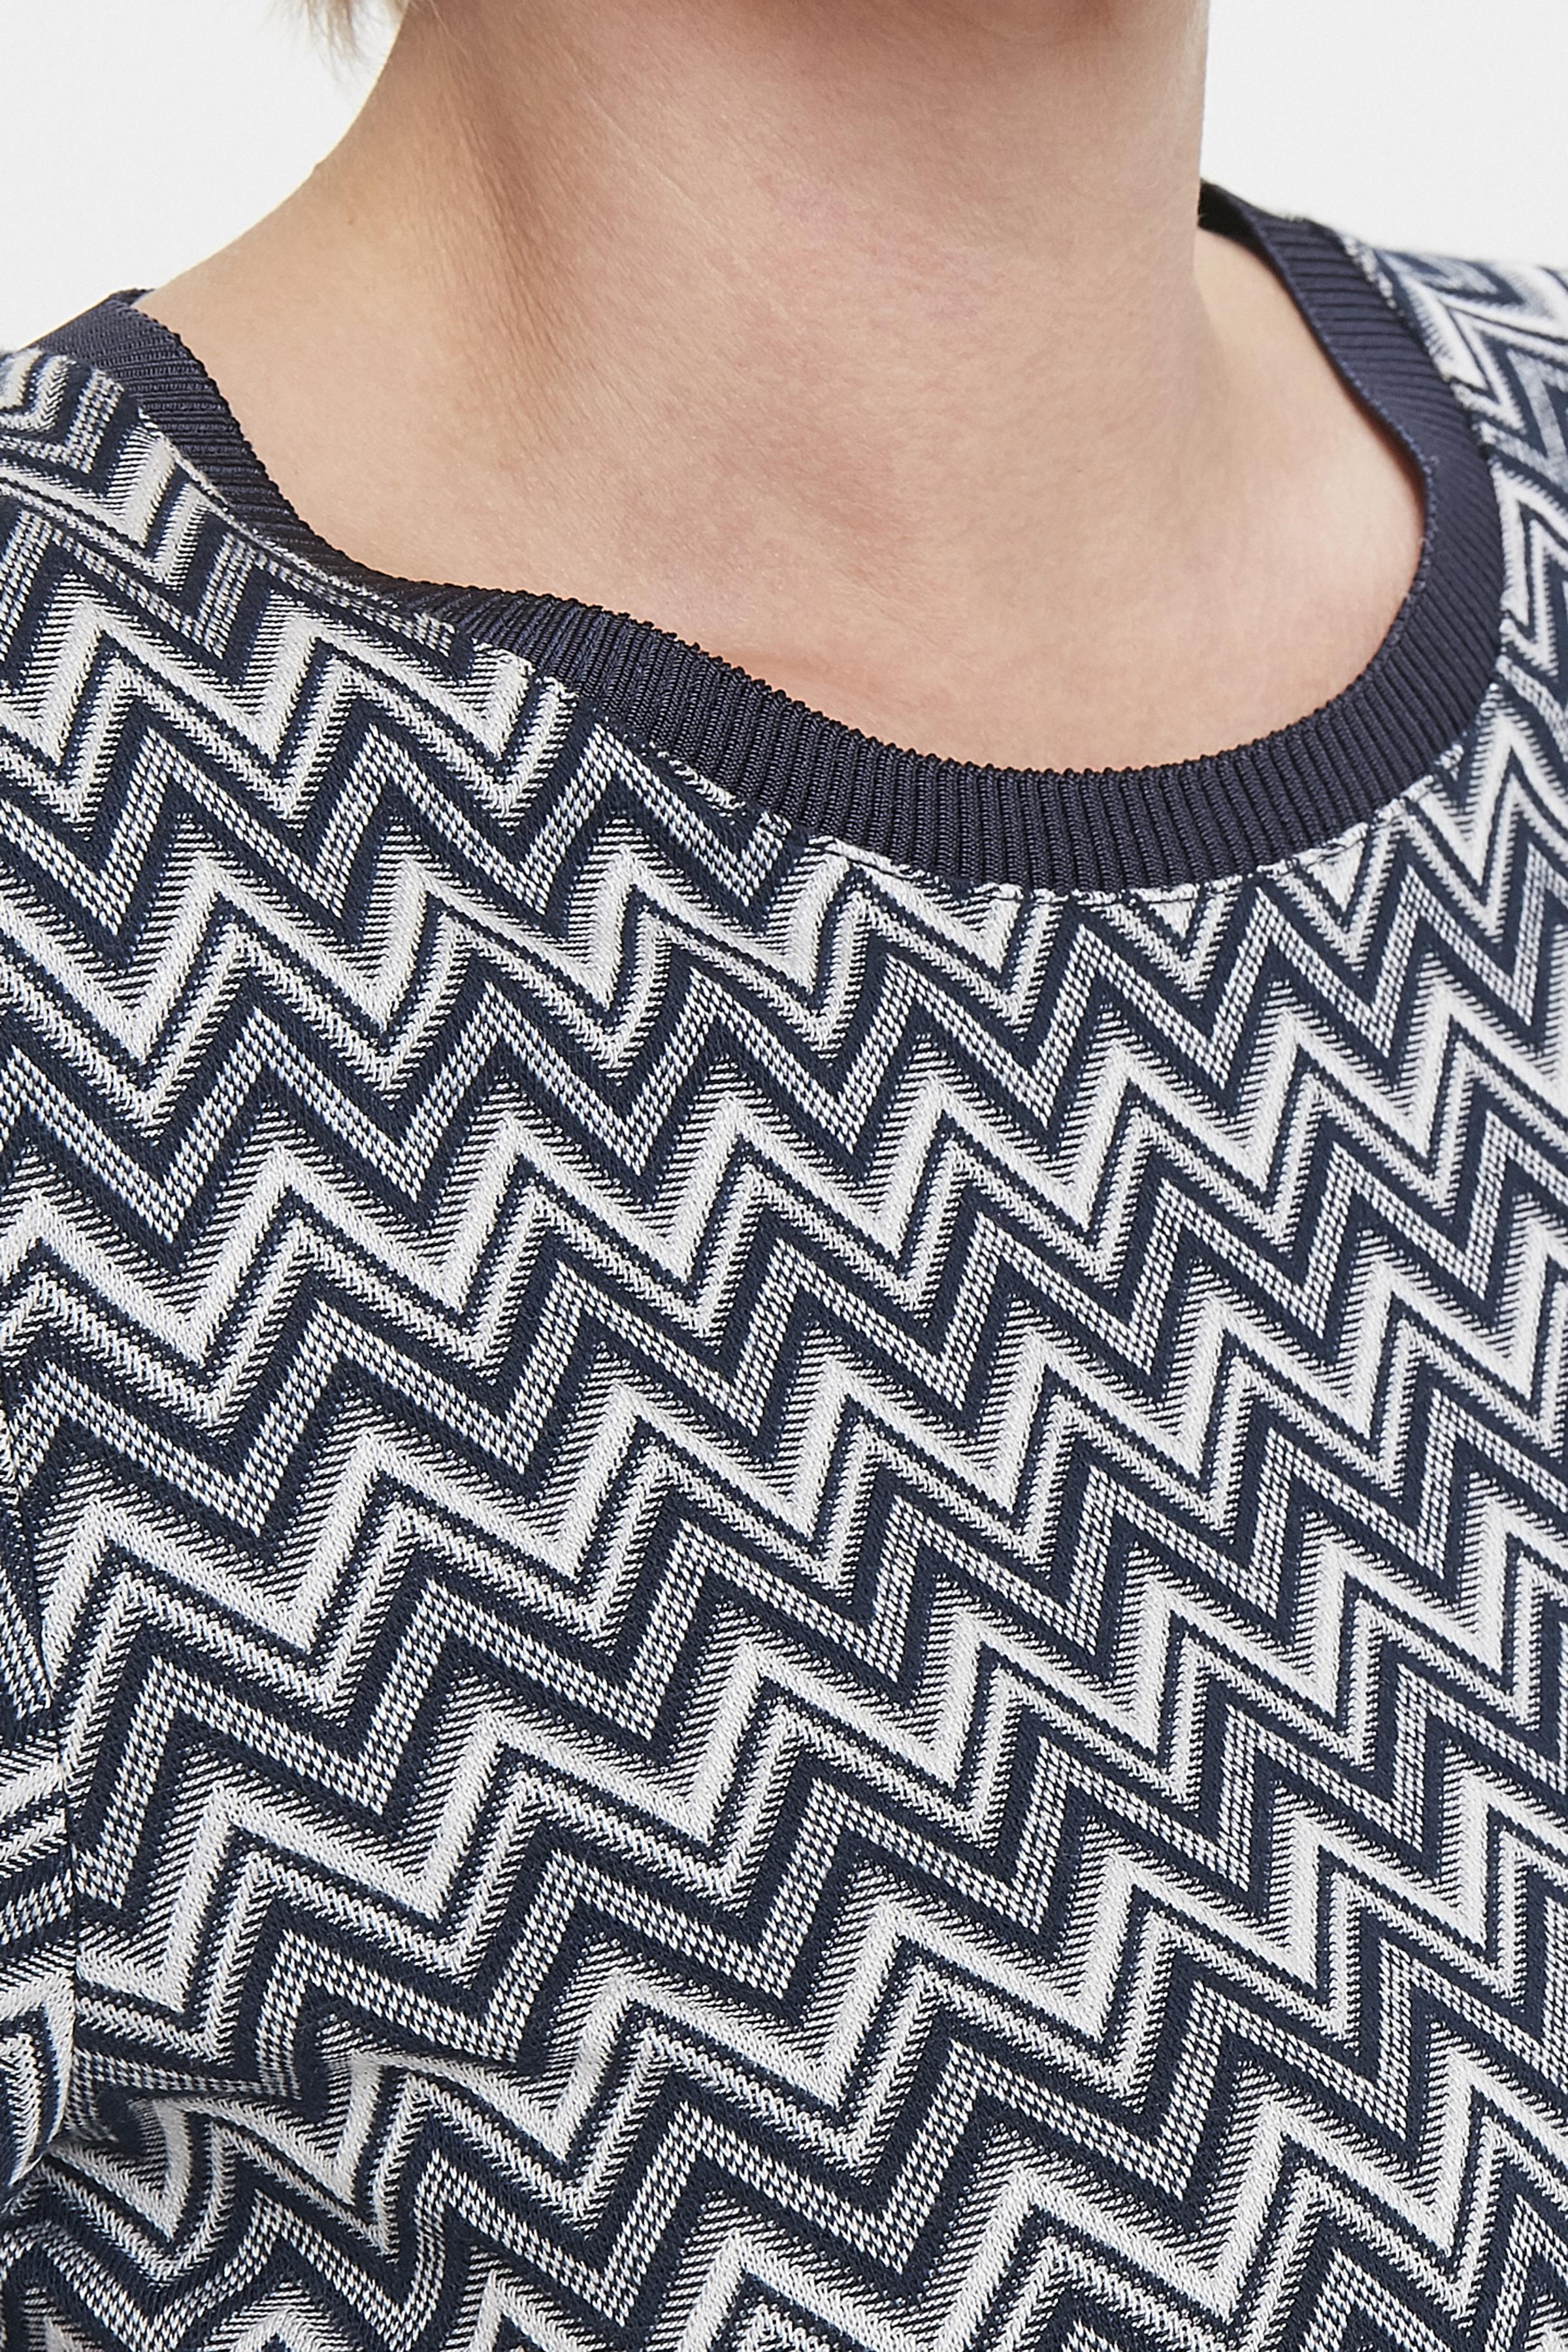 Marineblauw/off-white Korte mouwen shirt  van Bon'A Parte – Door Marineblauw/off-white Korte mouwen shirt  van maat. S-2XL hier